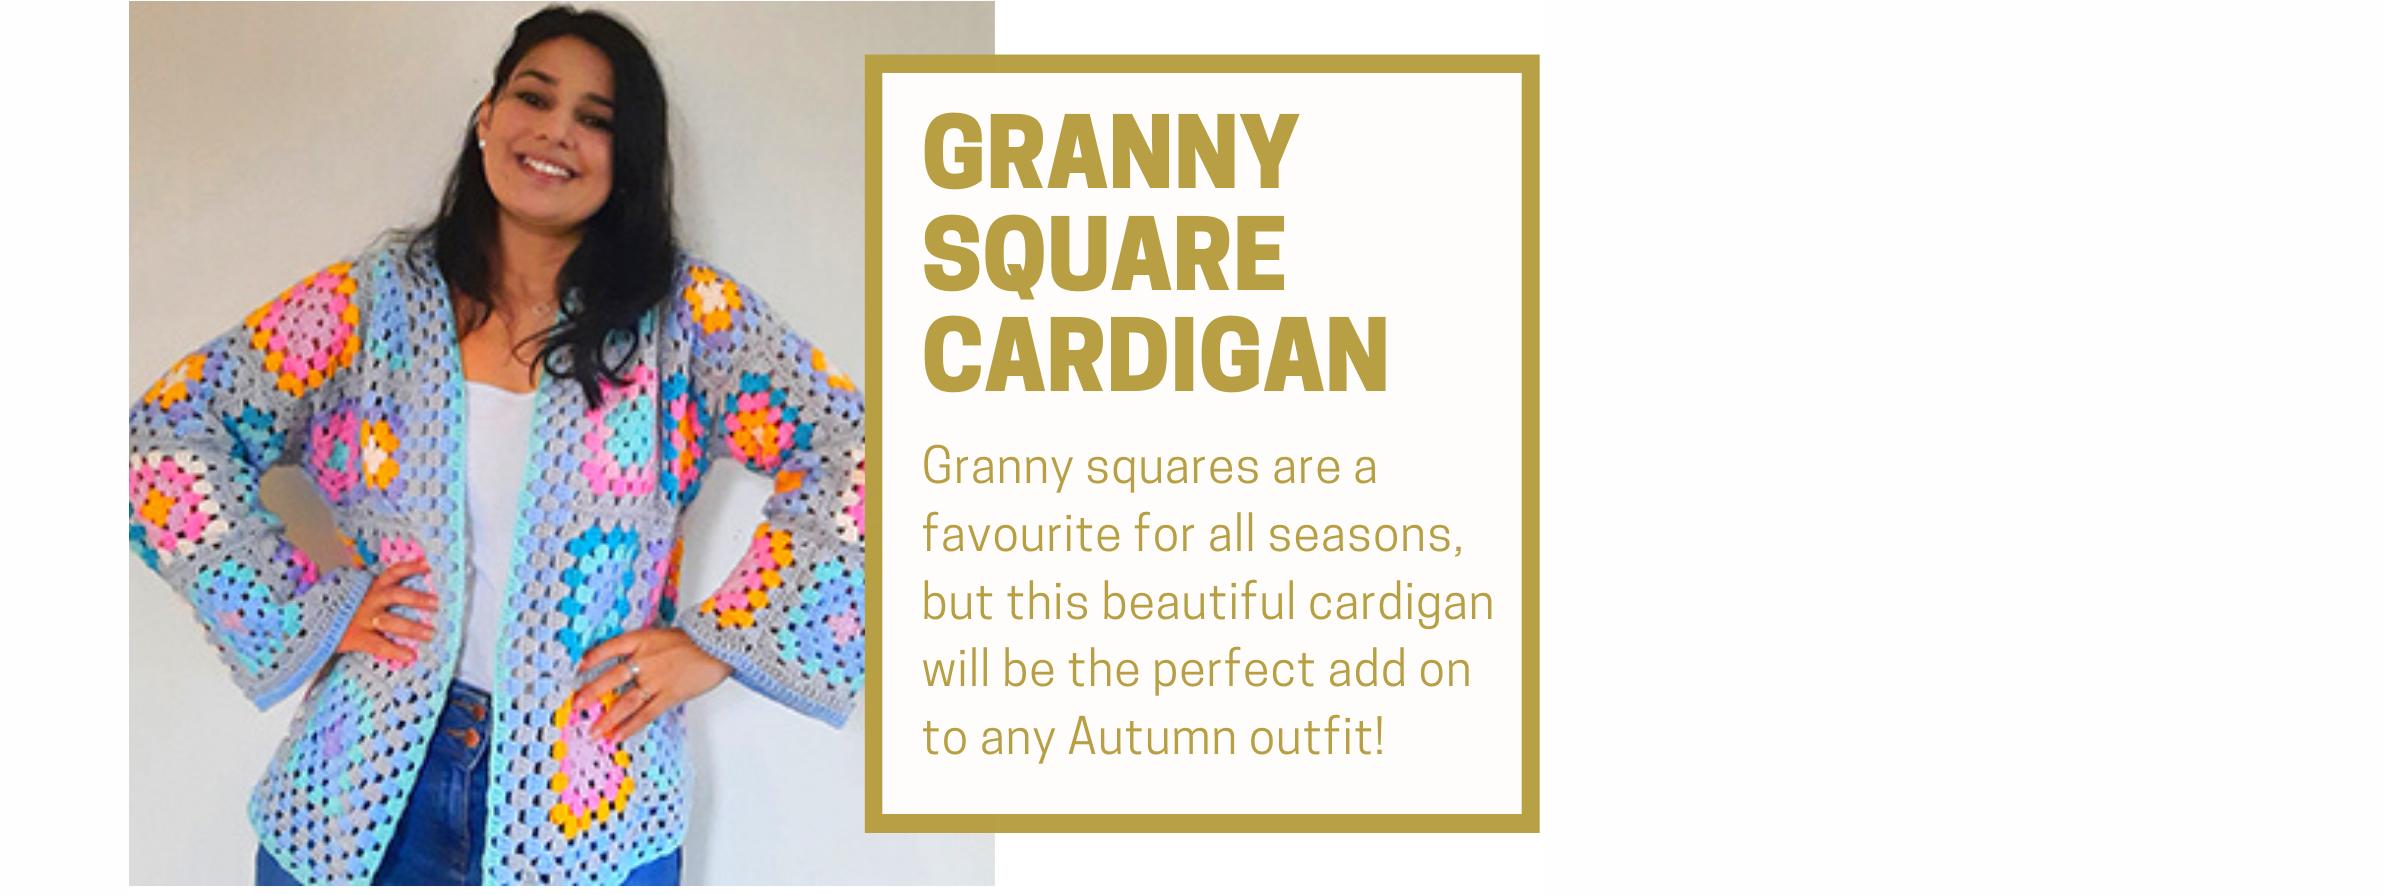 Granny Squares Cardigan